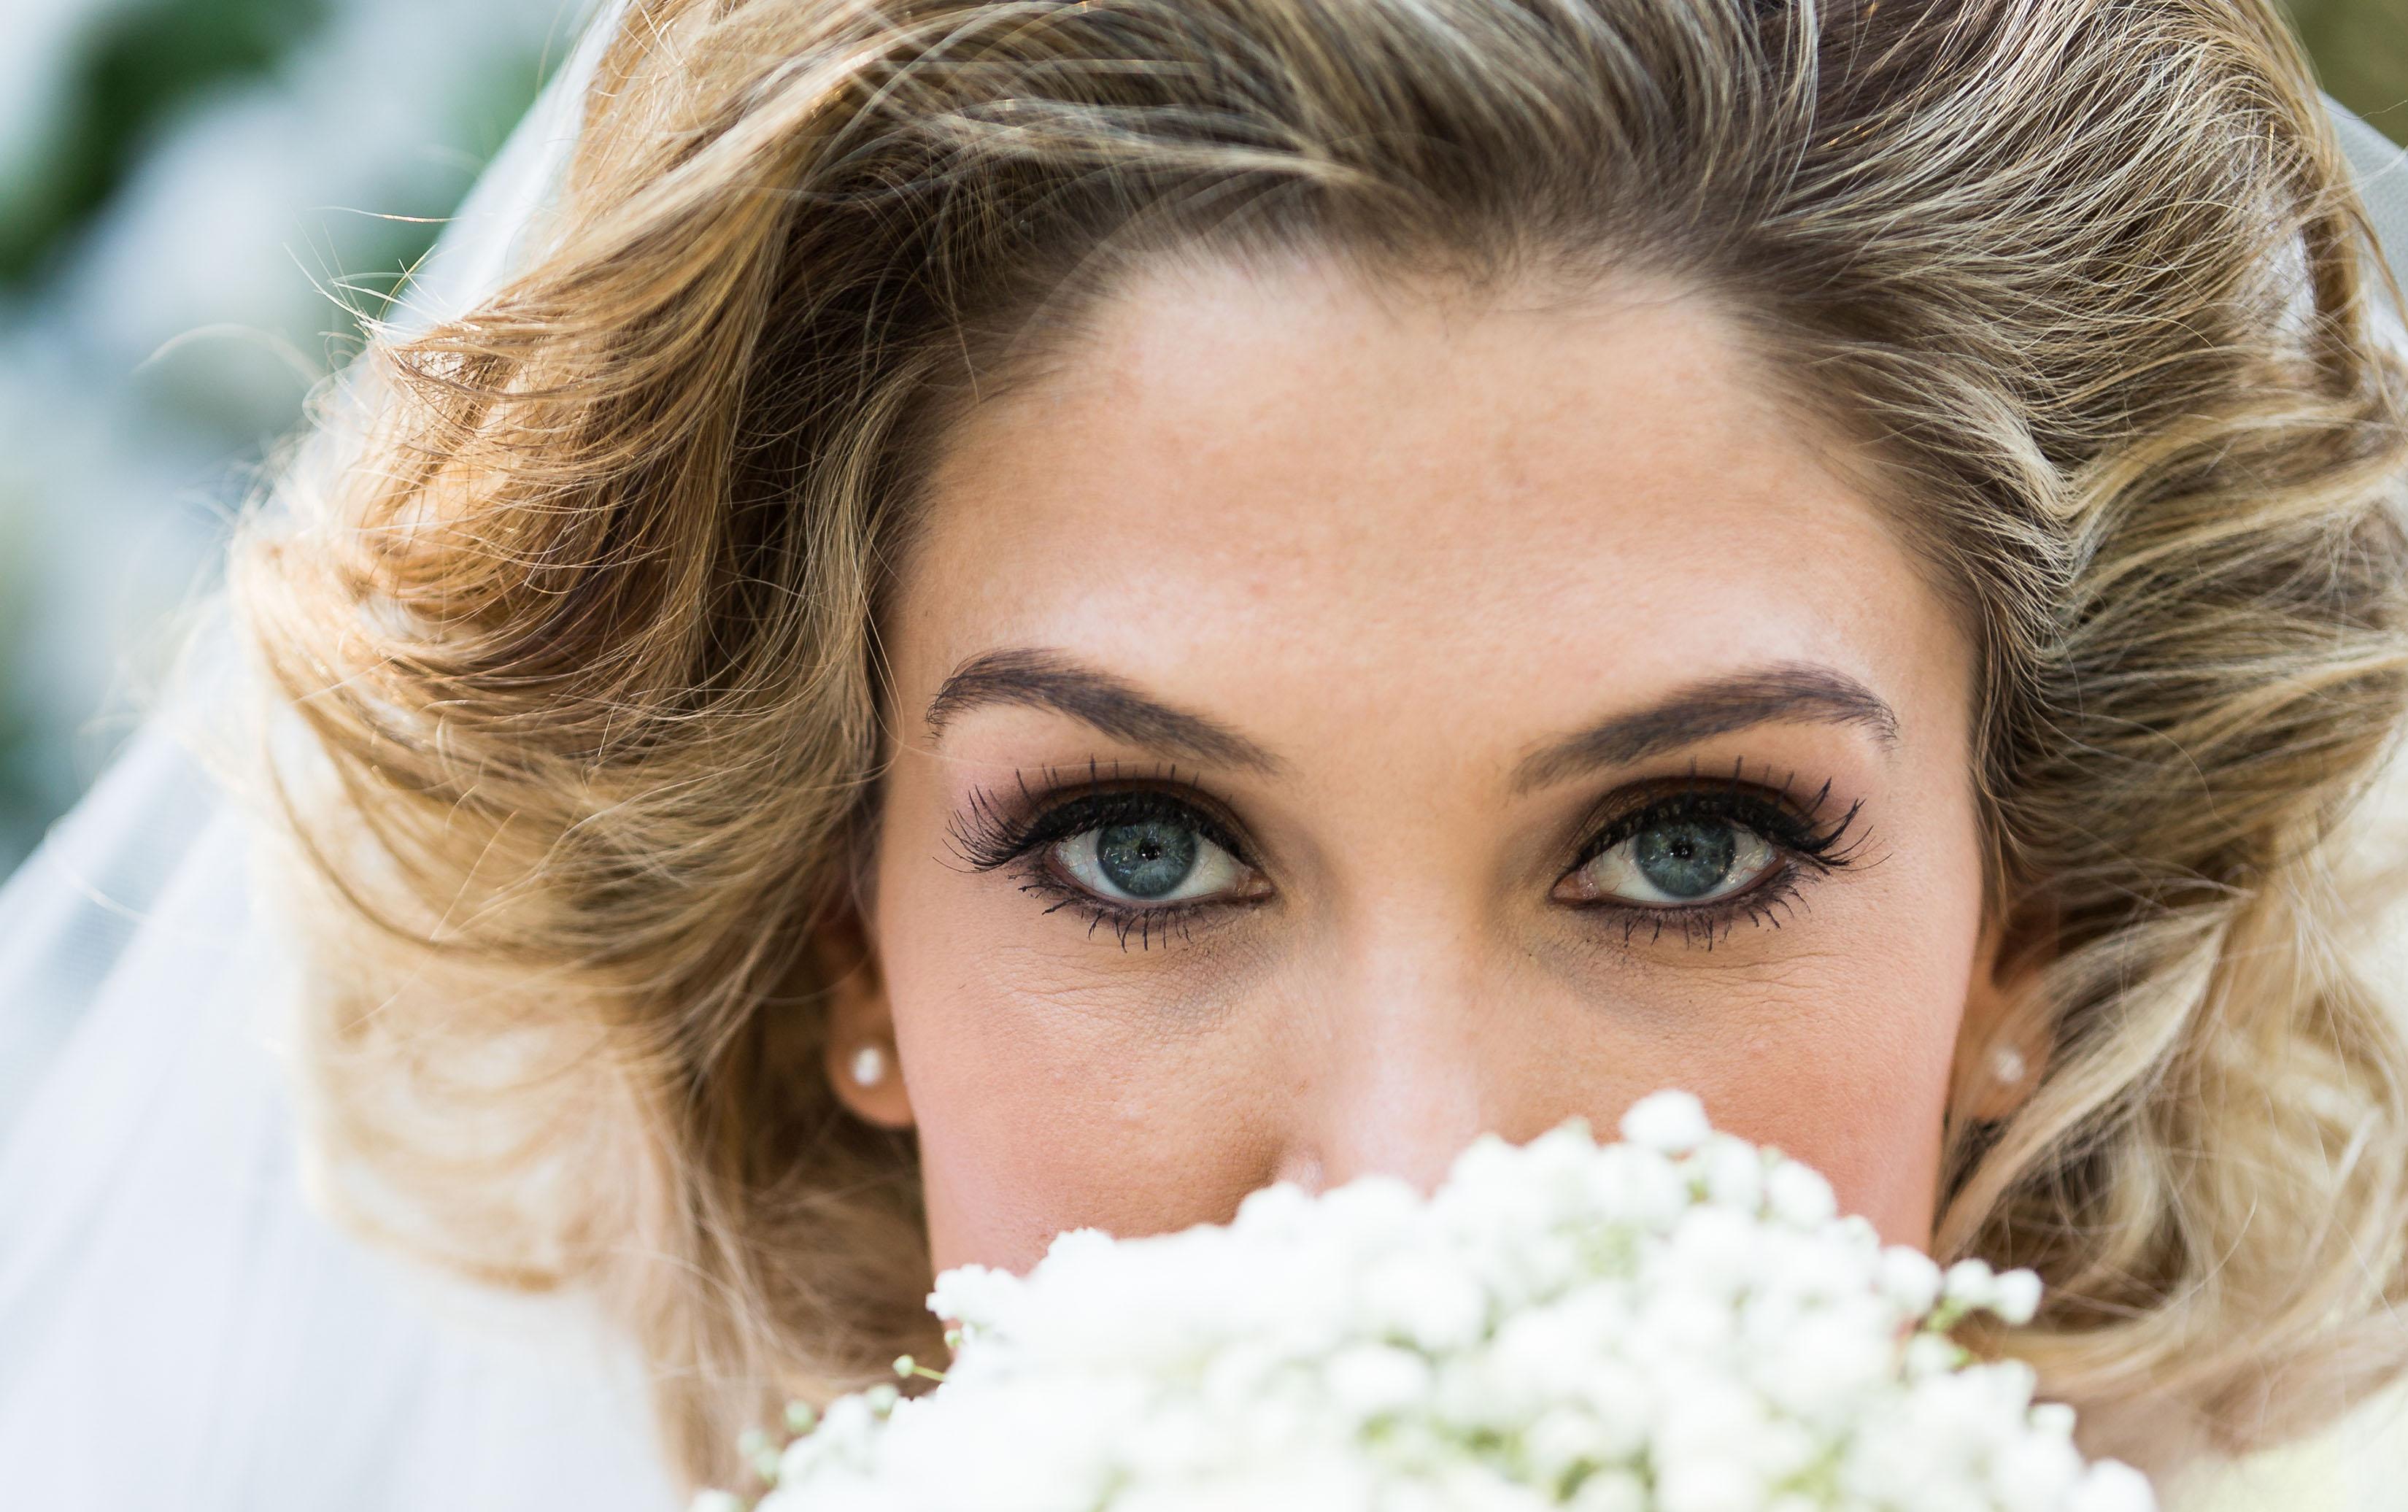 Delta Goodrem set to release 'I Honestly Love You'